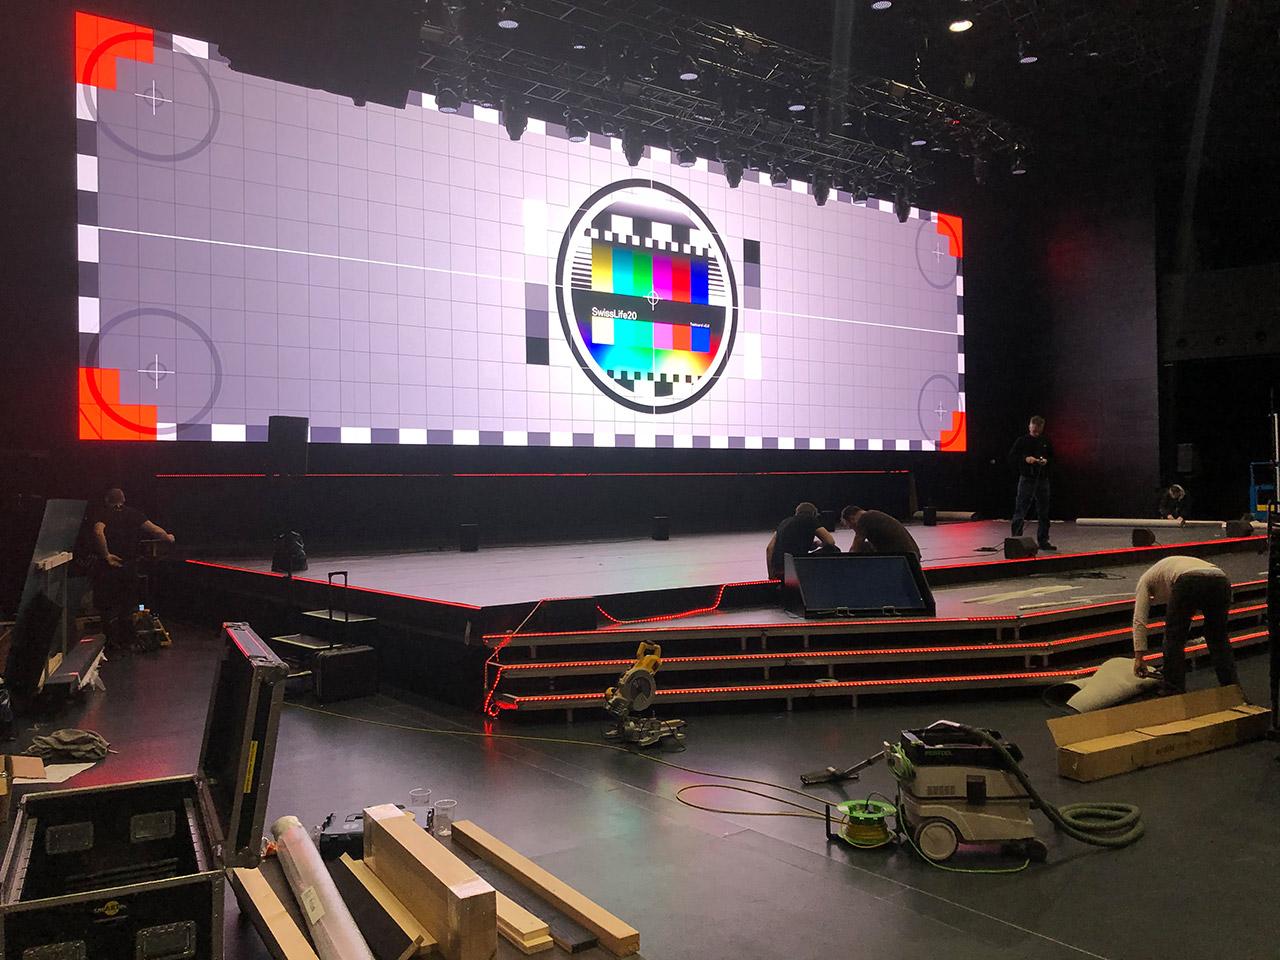 Bühnenbau Akzentbeleuchtung Bühnensilhouette